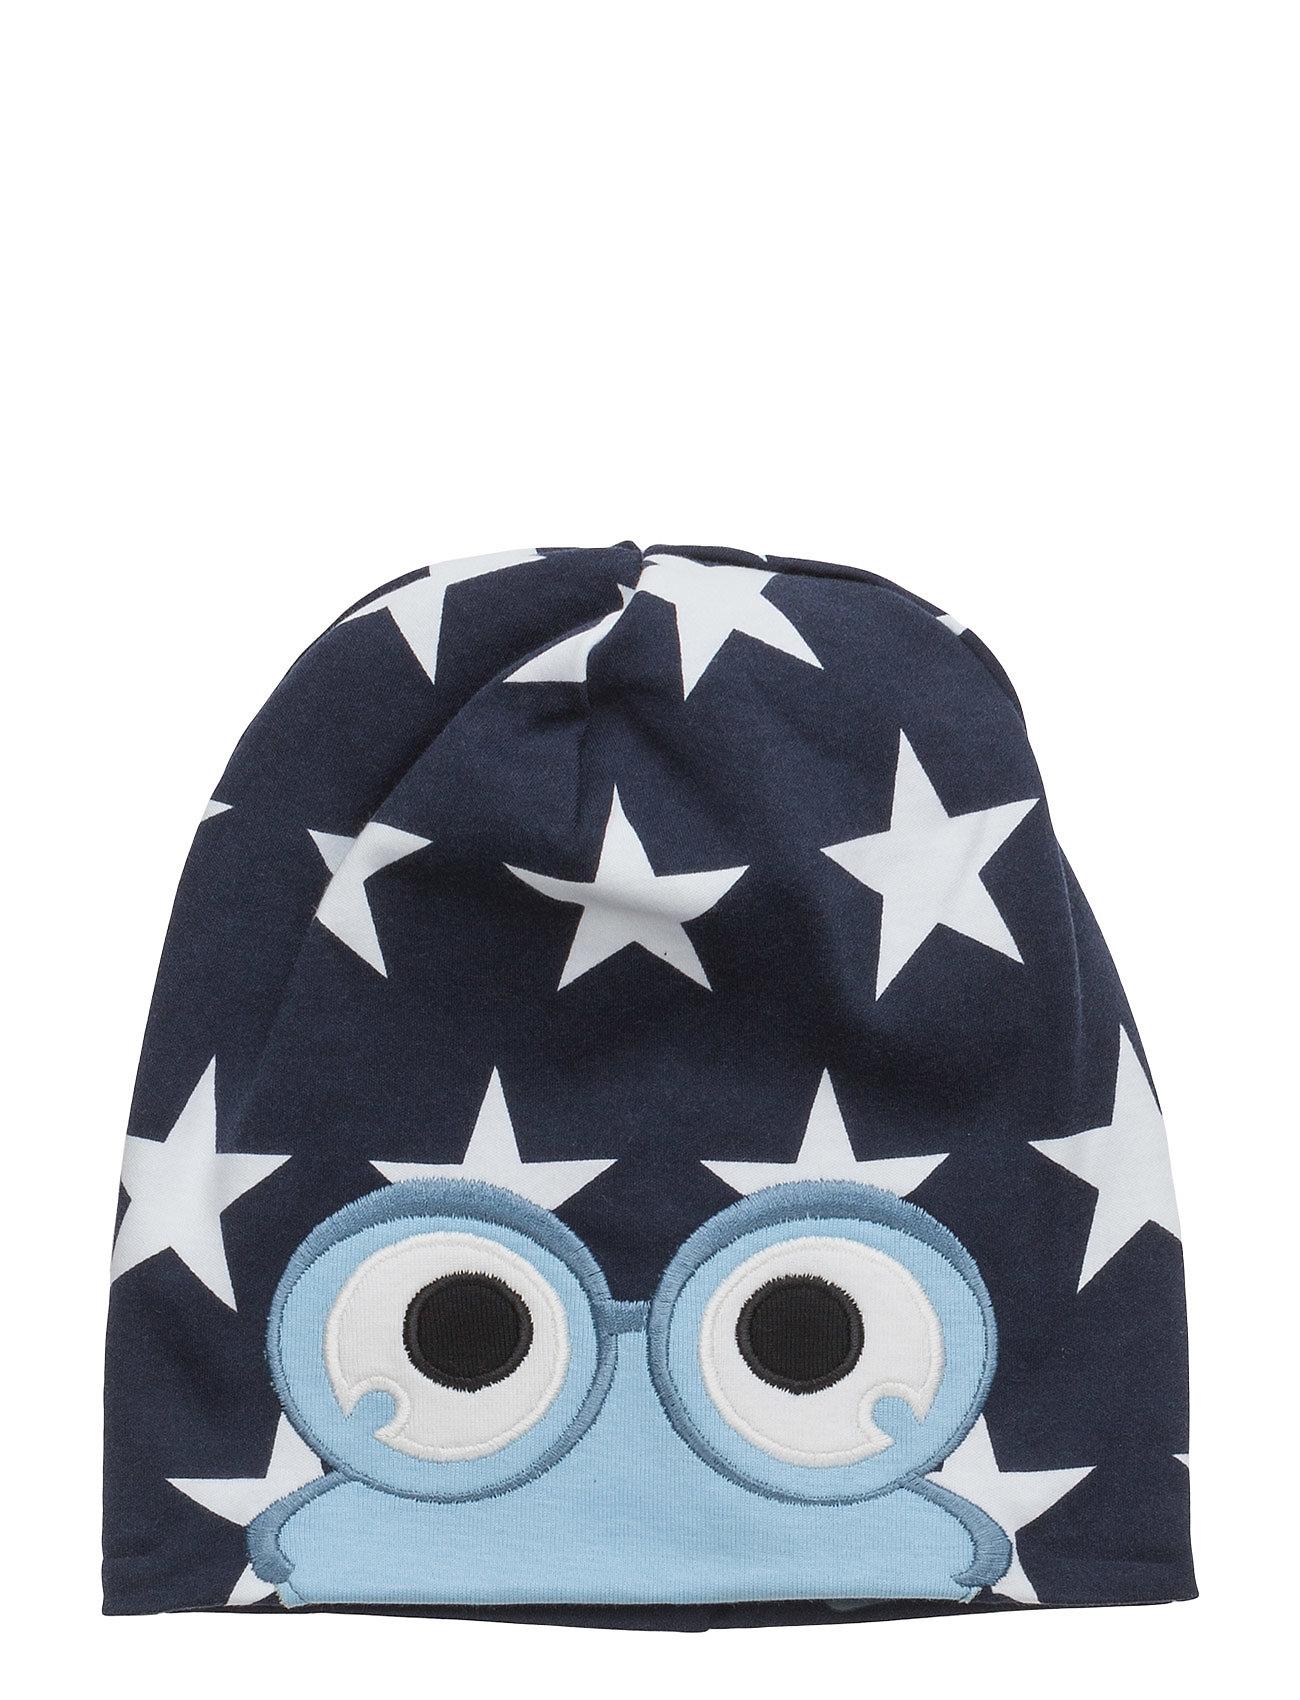 Star Peep Beanie Freds World Hatte & Caps til Børn i